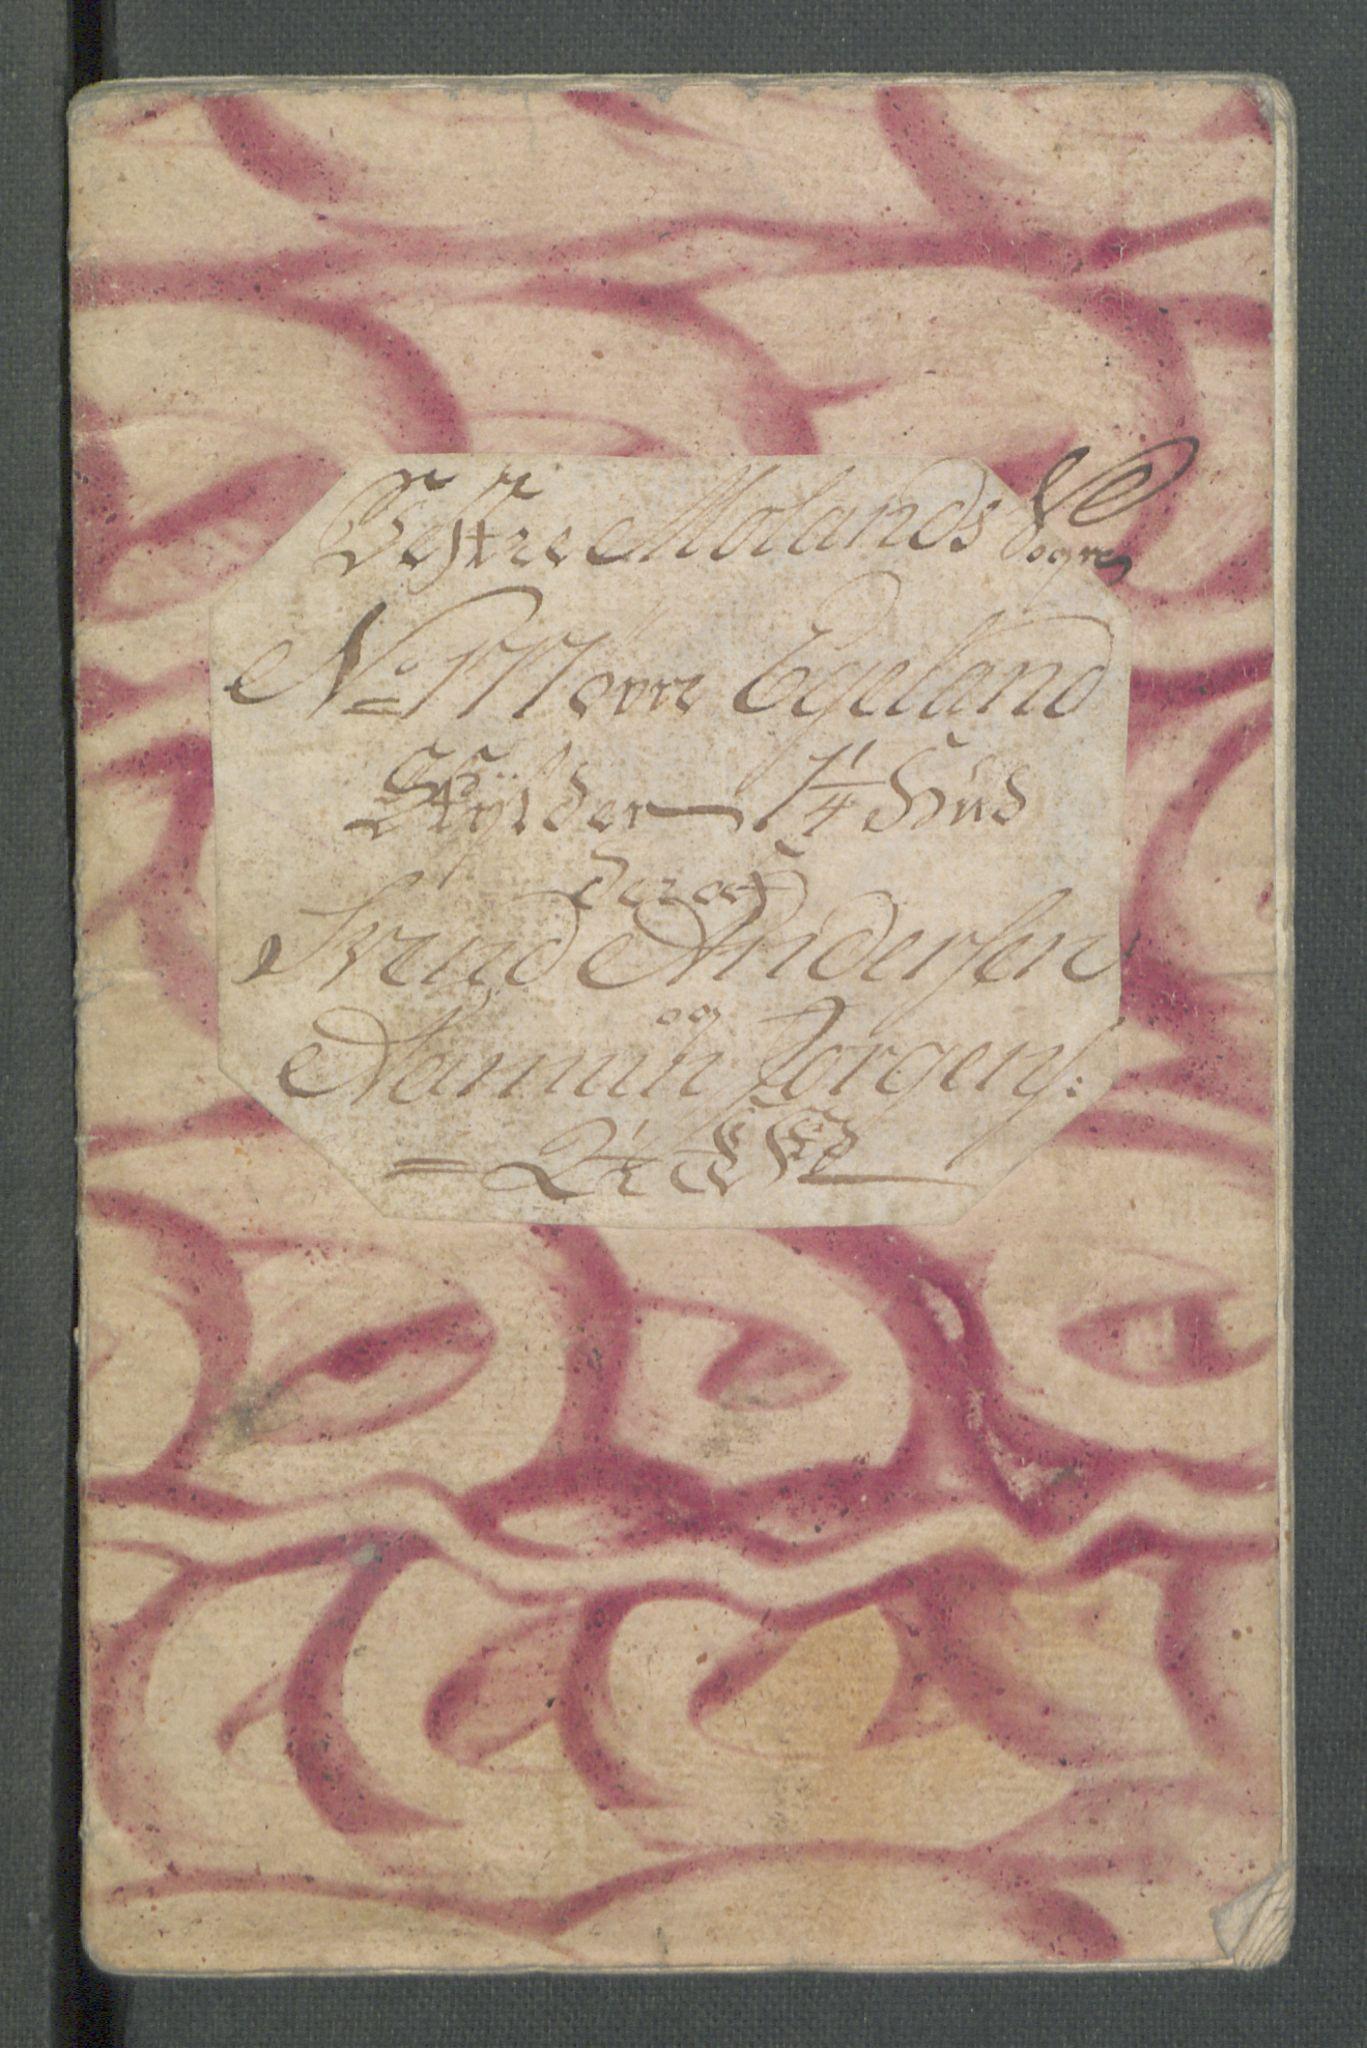 RA, Rentekammeret inntil 1814, Realistisk ordnet avdeling, Od/L0001: Oppløp, 1786-1769, s. 369